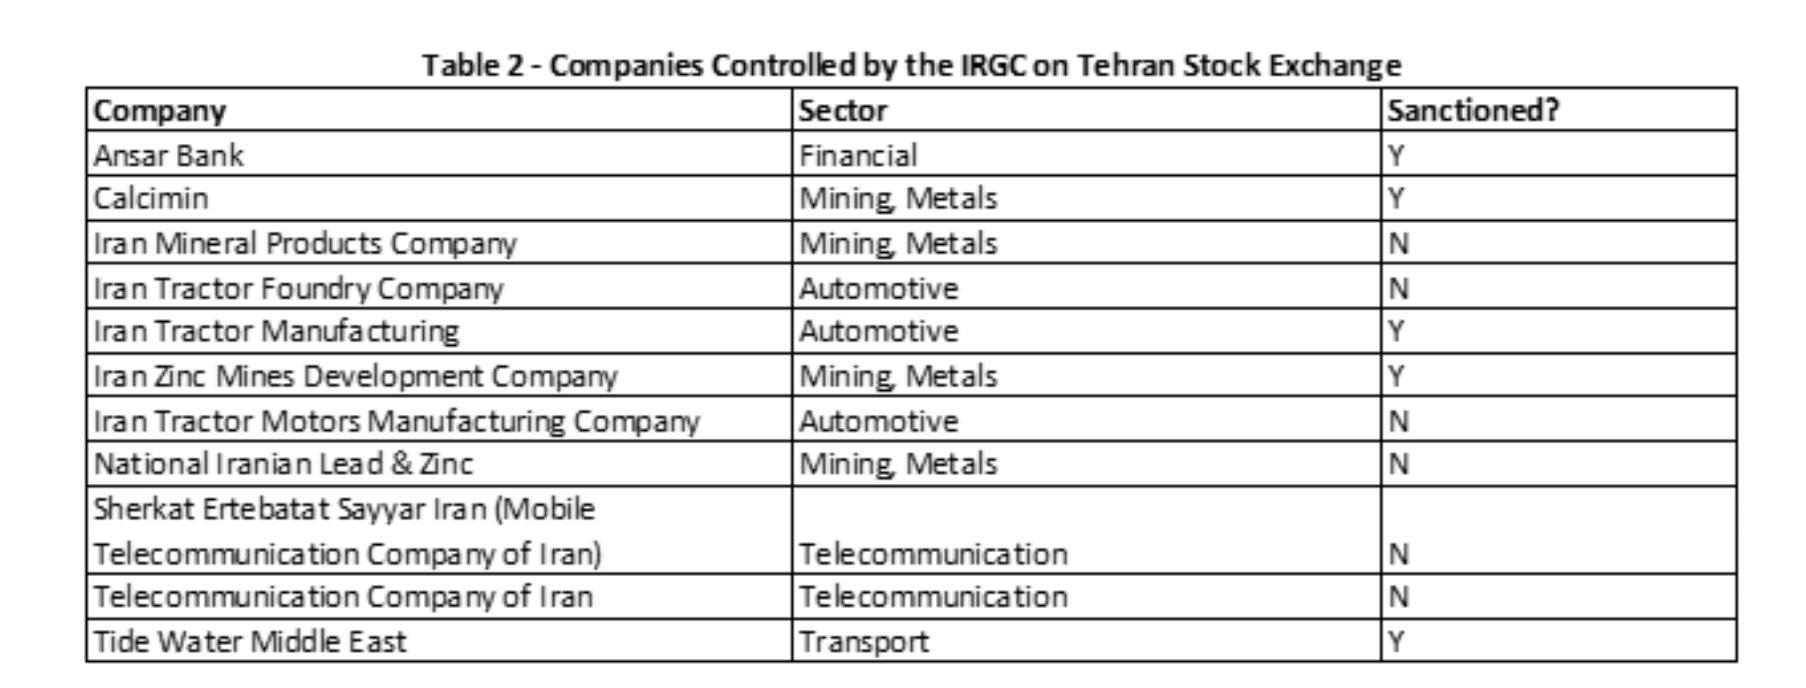 IRGC control